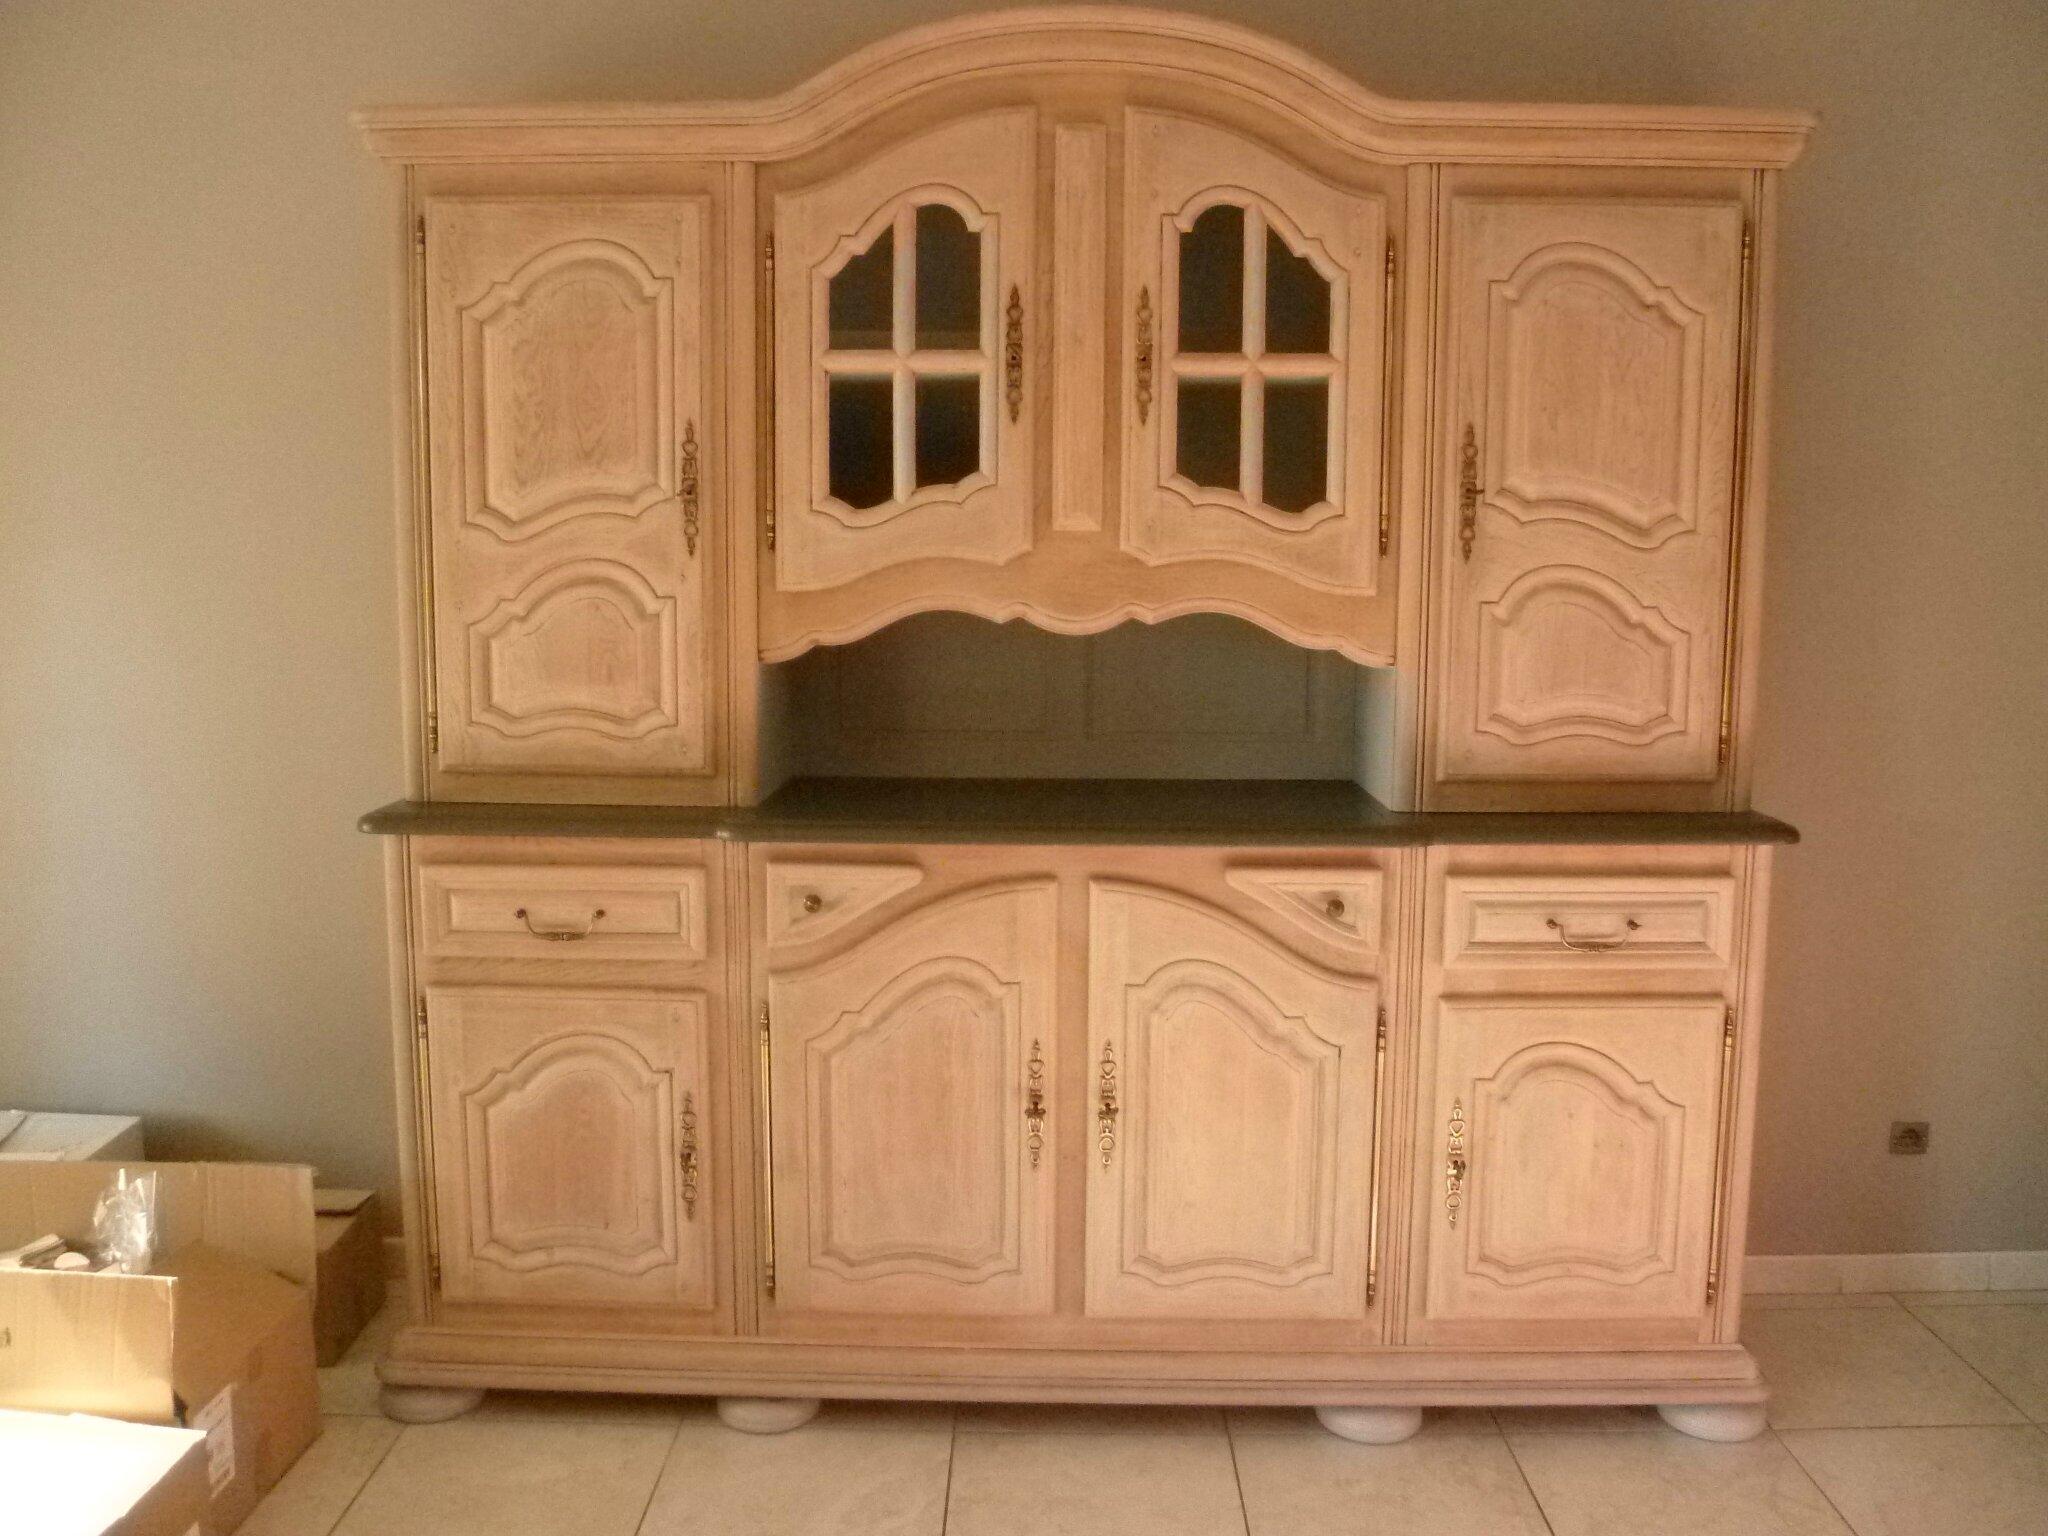 peindre une armoire en bois vernis atelier retouche paris of repeindre une armoire en bois. Black Bedroom Furniture Sets. Home Design Ideas